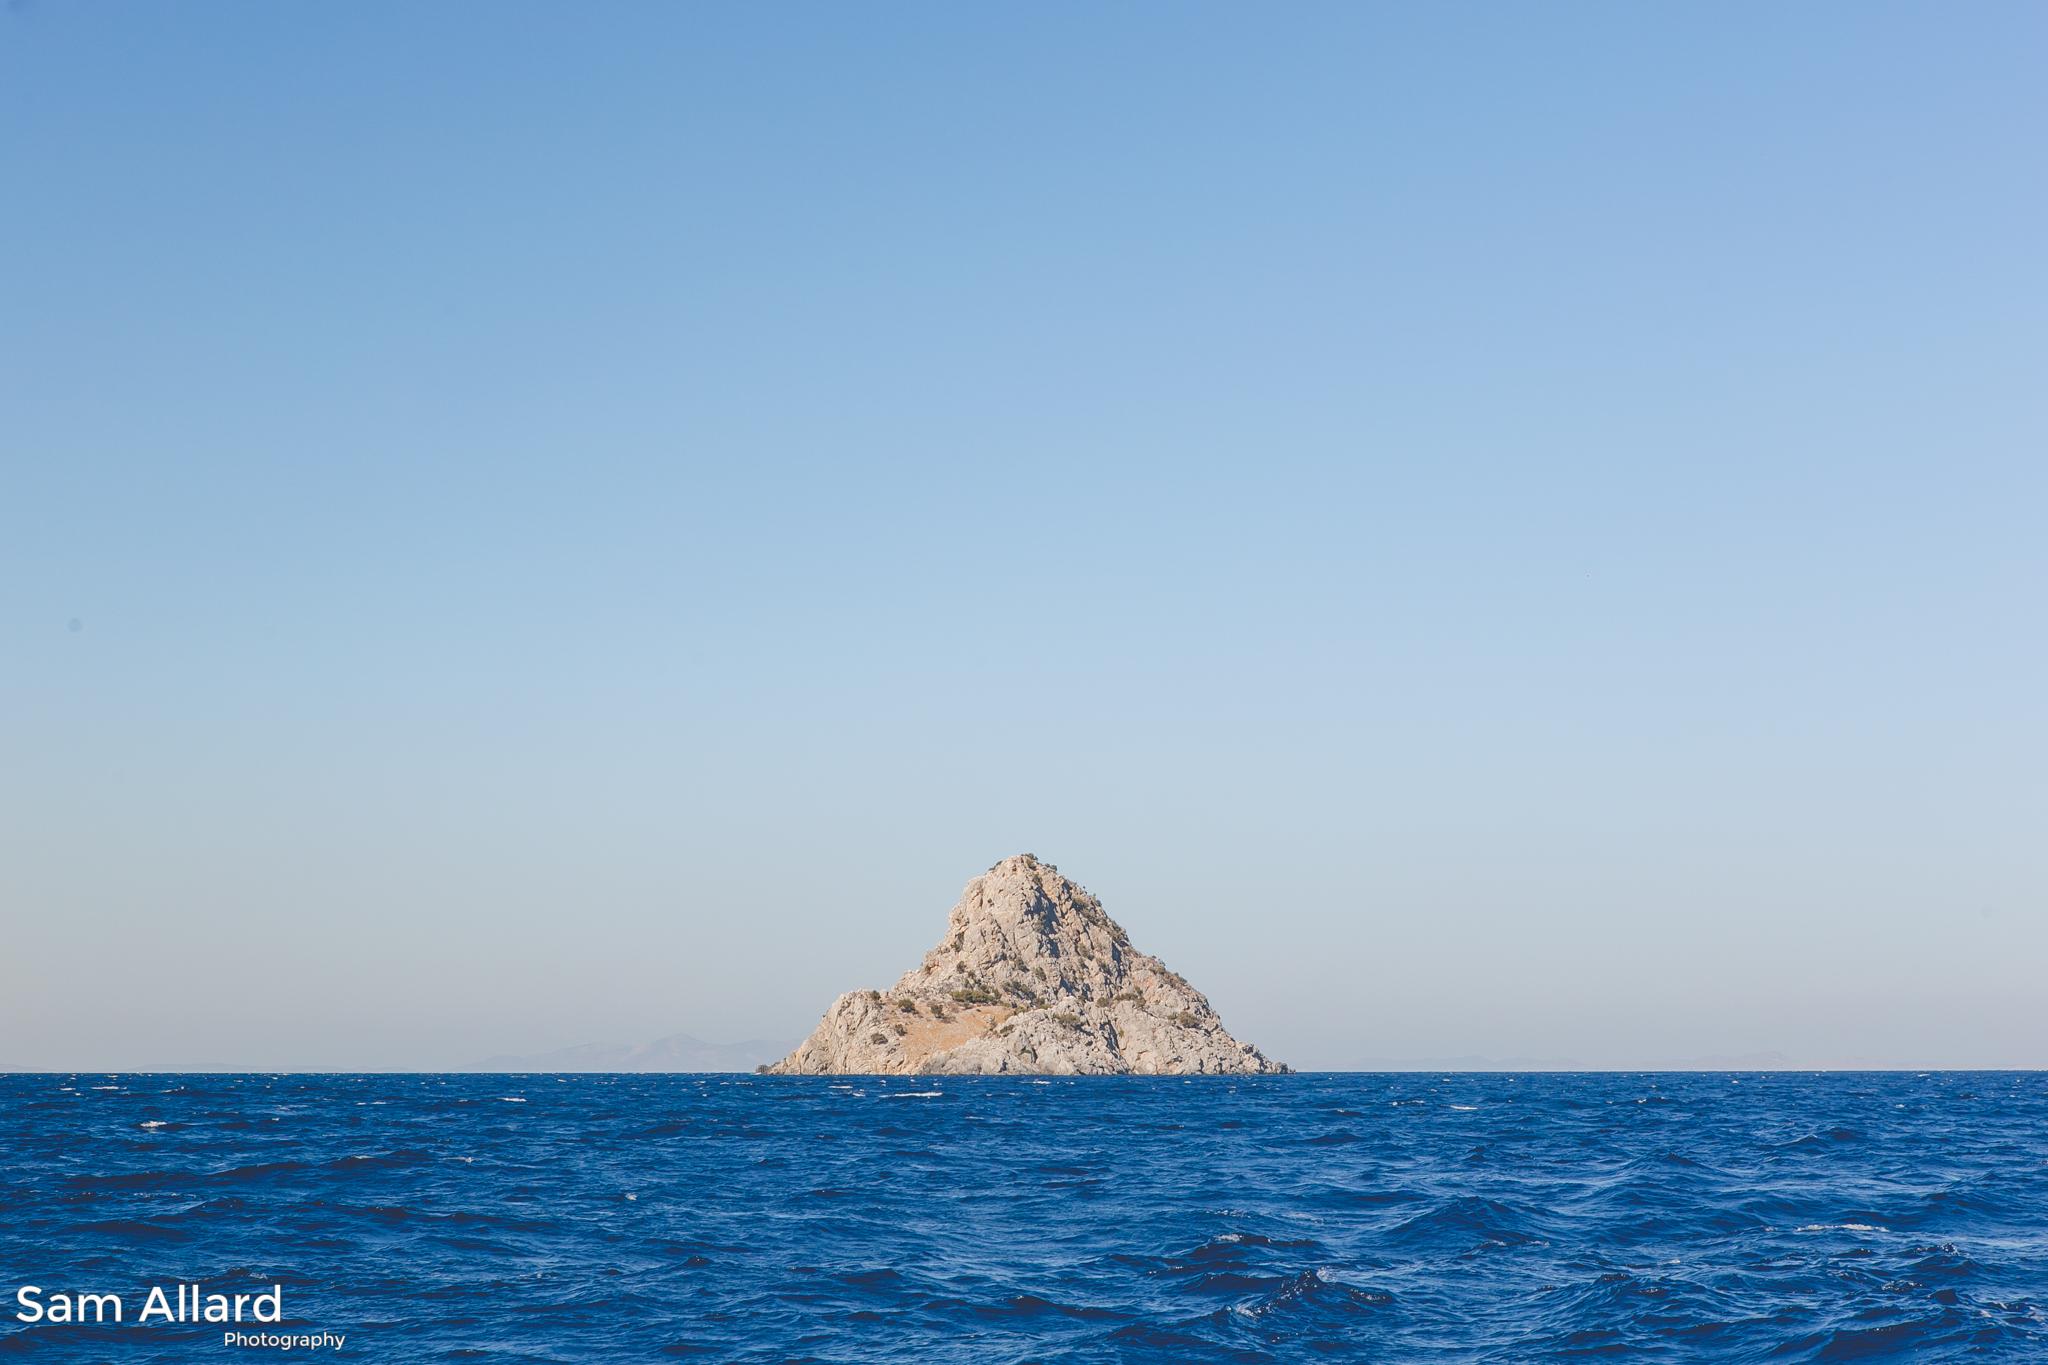 SamAllard_YachtWeek_Week33_174.jpg